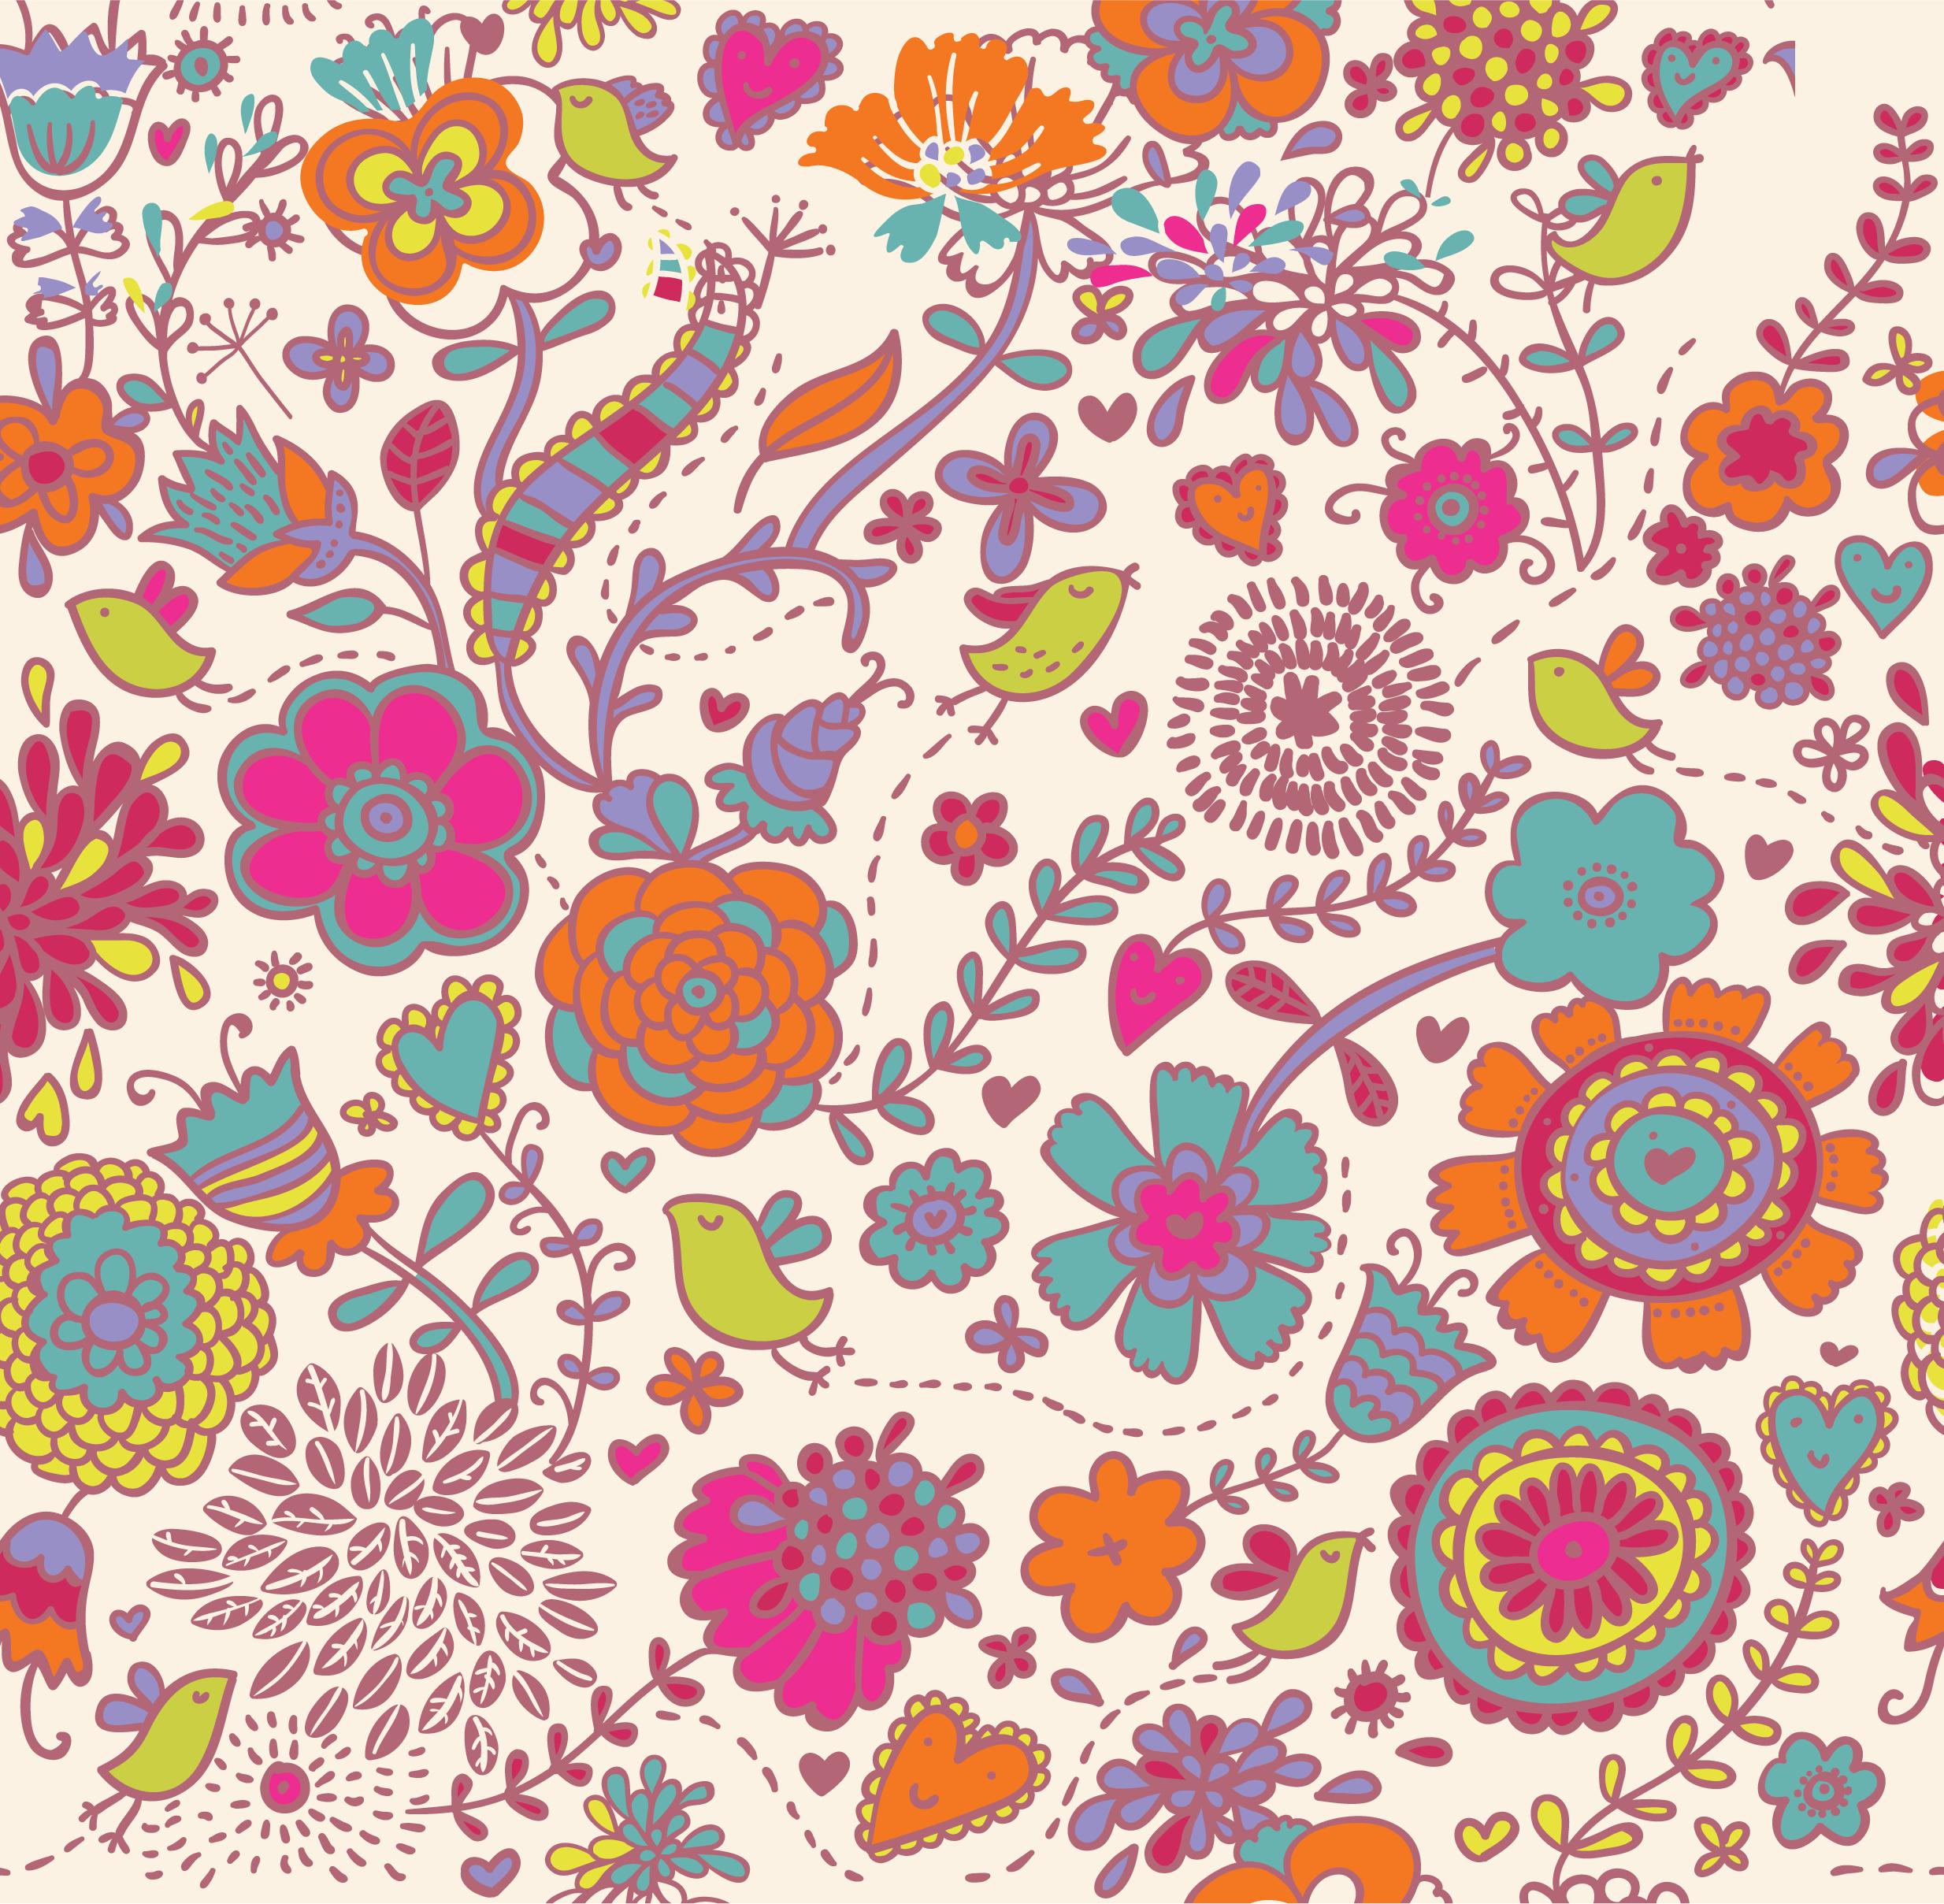 壁紙・背景イラスト/花の模様・柄・パターン no.171『ポップデザイン